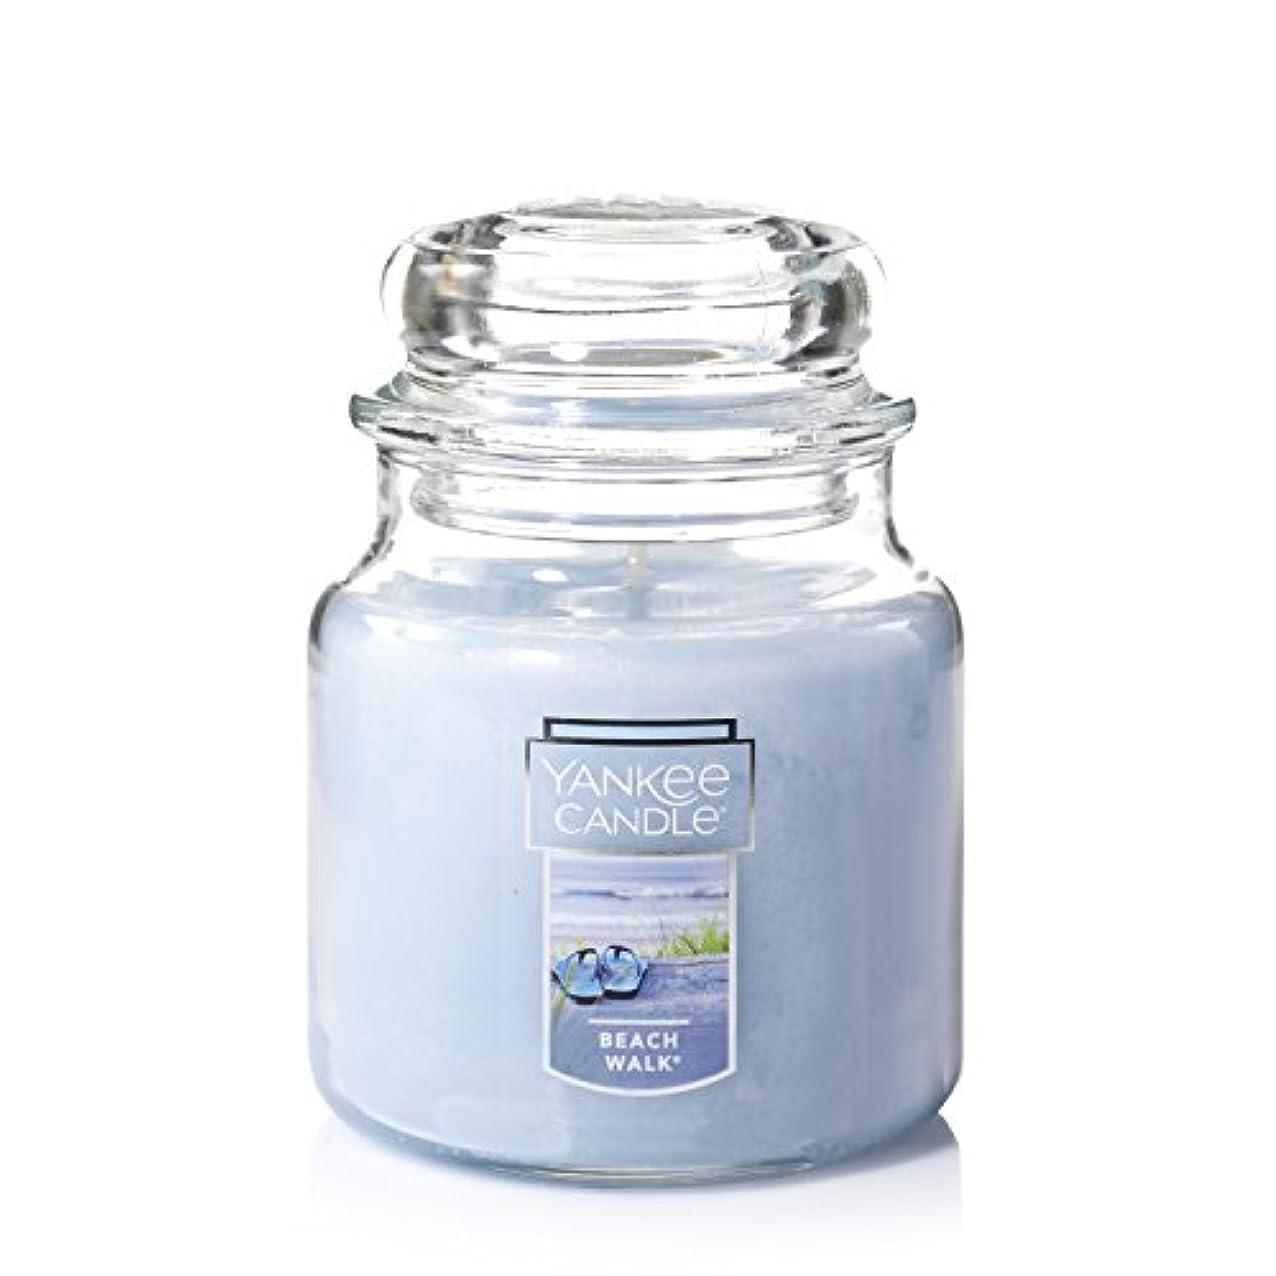 進むハント野菜(ヤンキーキャンドル) Yankee Candle Lサイズ ジャーキャンドル Medium Jar Candle 1129791Z